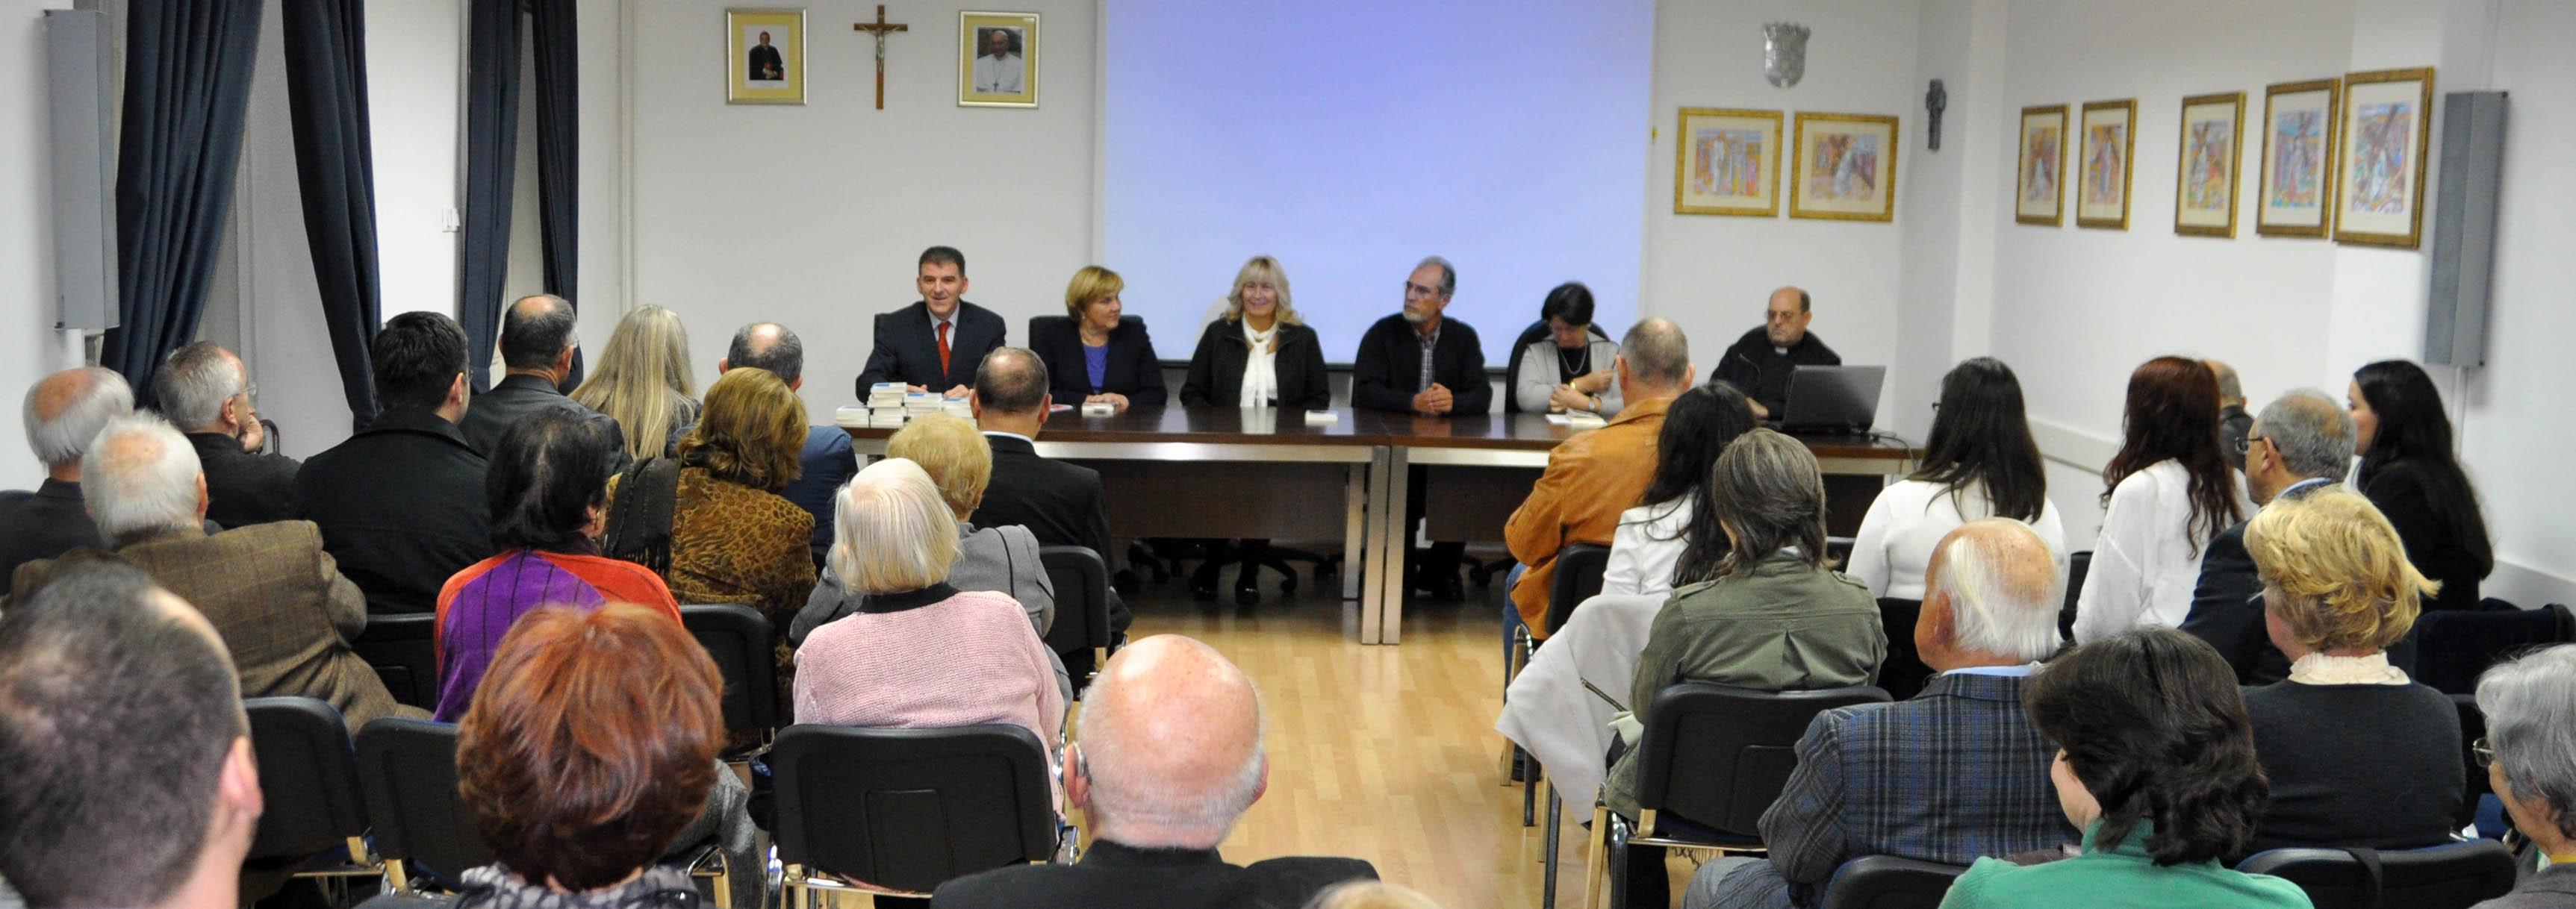 Predstavljanje knjige dr. Danijele De Micheli Vitturi u HKLD-u